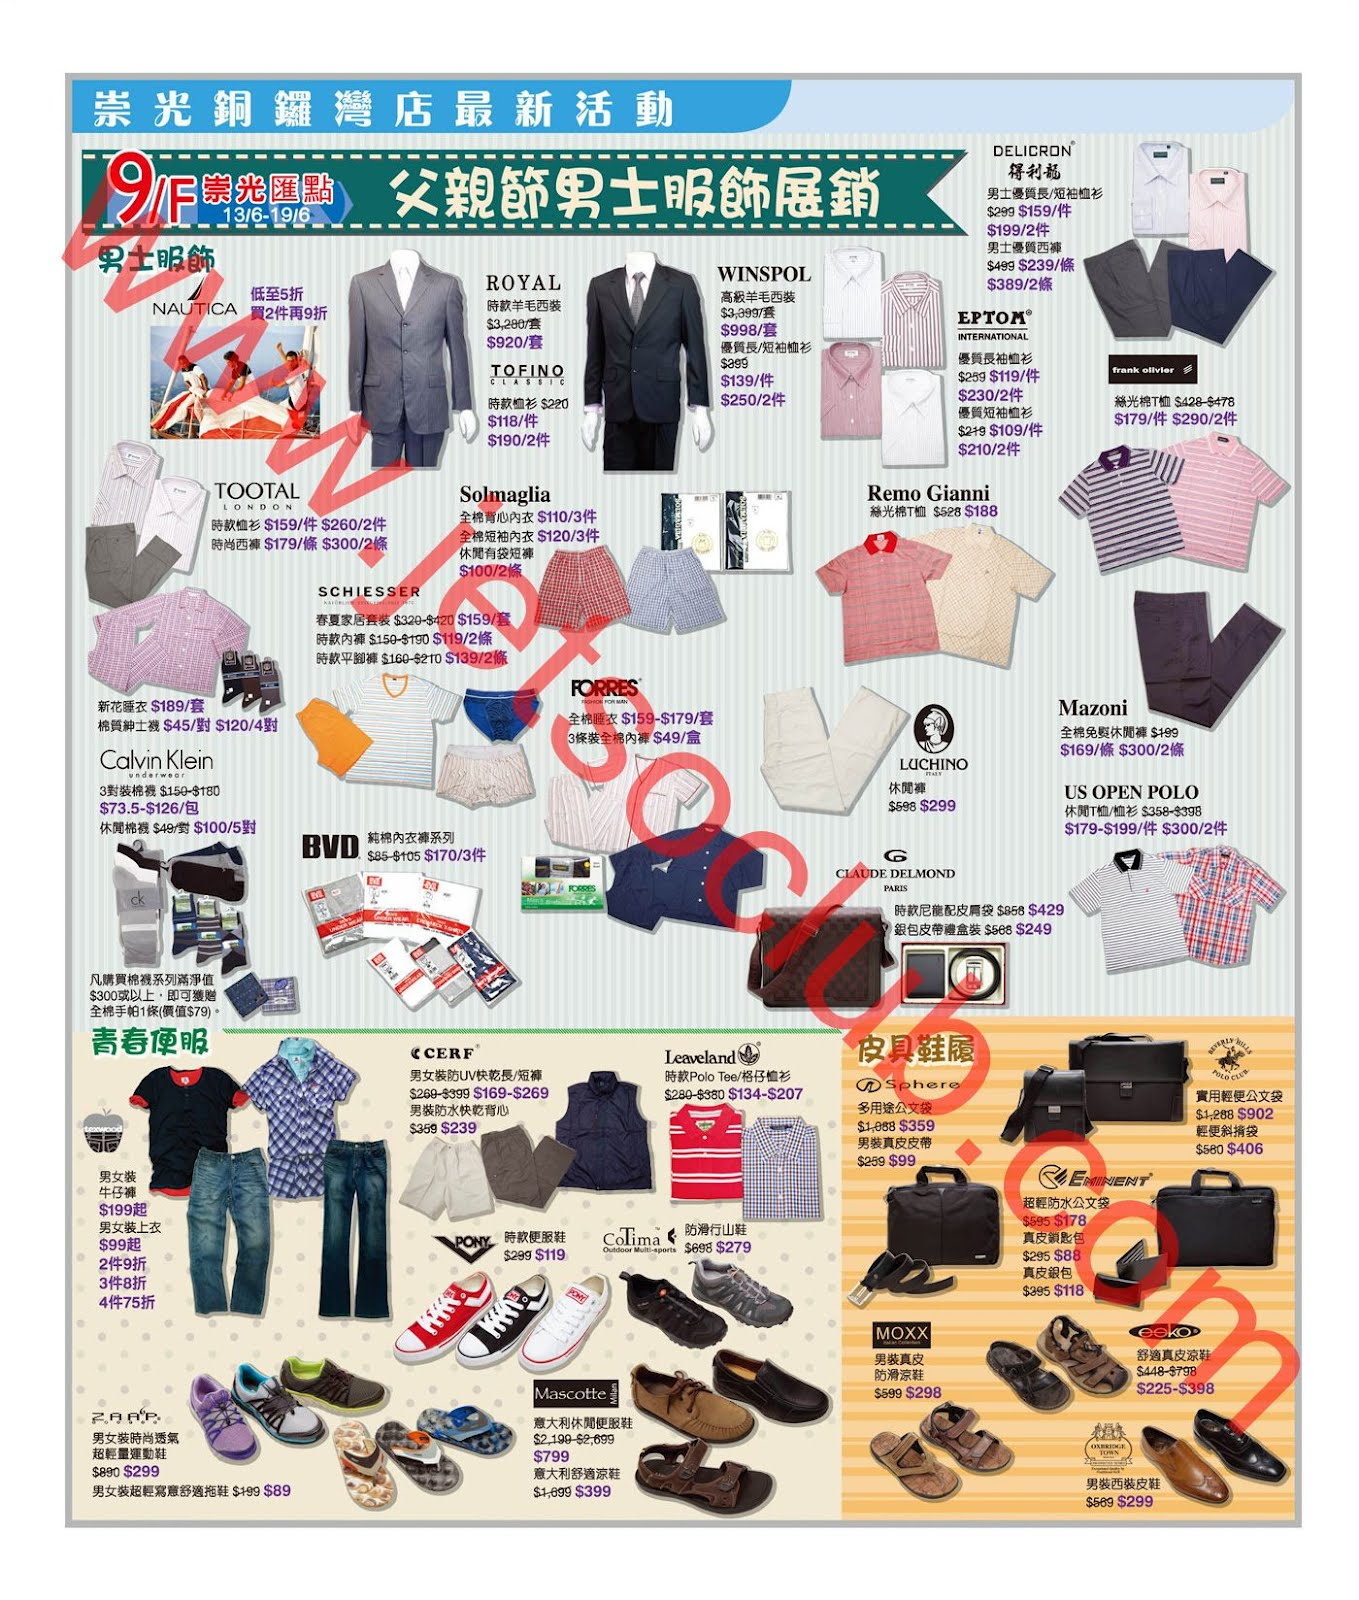 崇光:仲夏門票運動服飾熱賣(至17/6)/ 父親節男士服飾展銷(至19/6) ( Jetso Club 著數俱樂部 )